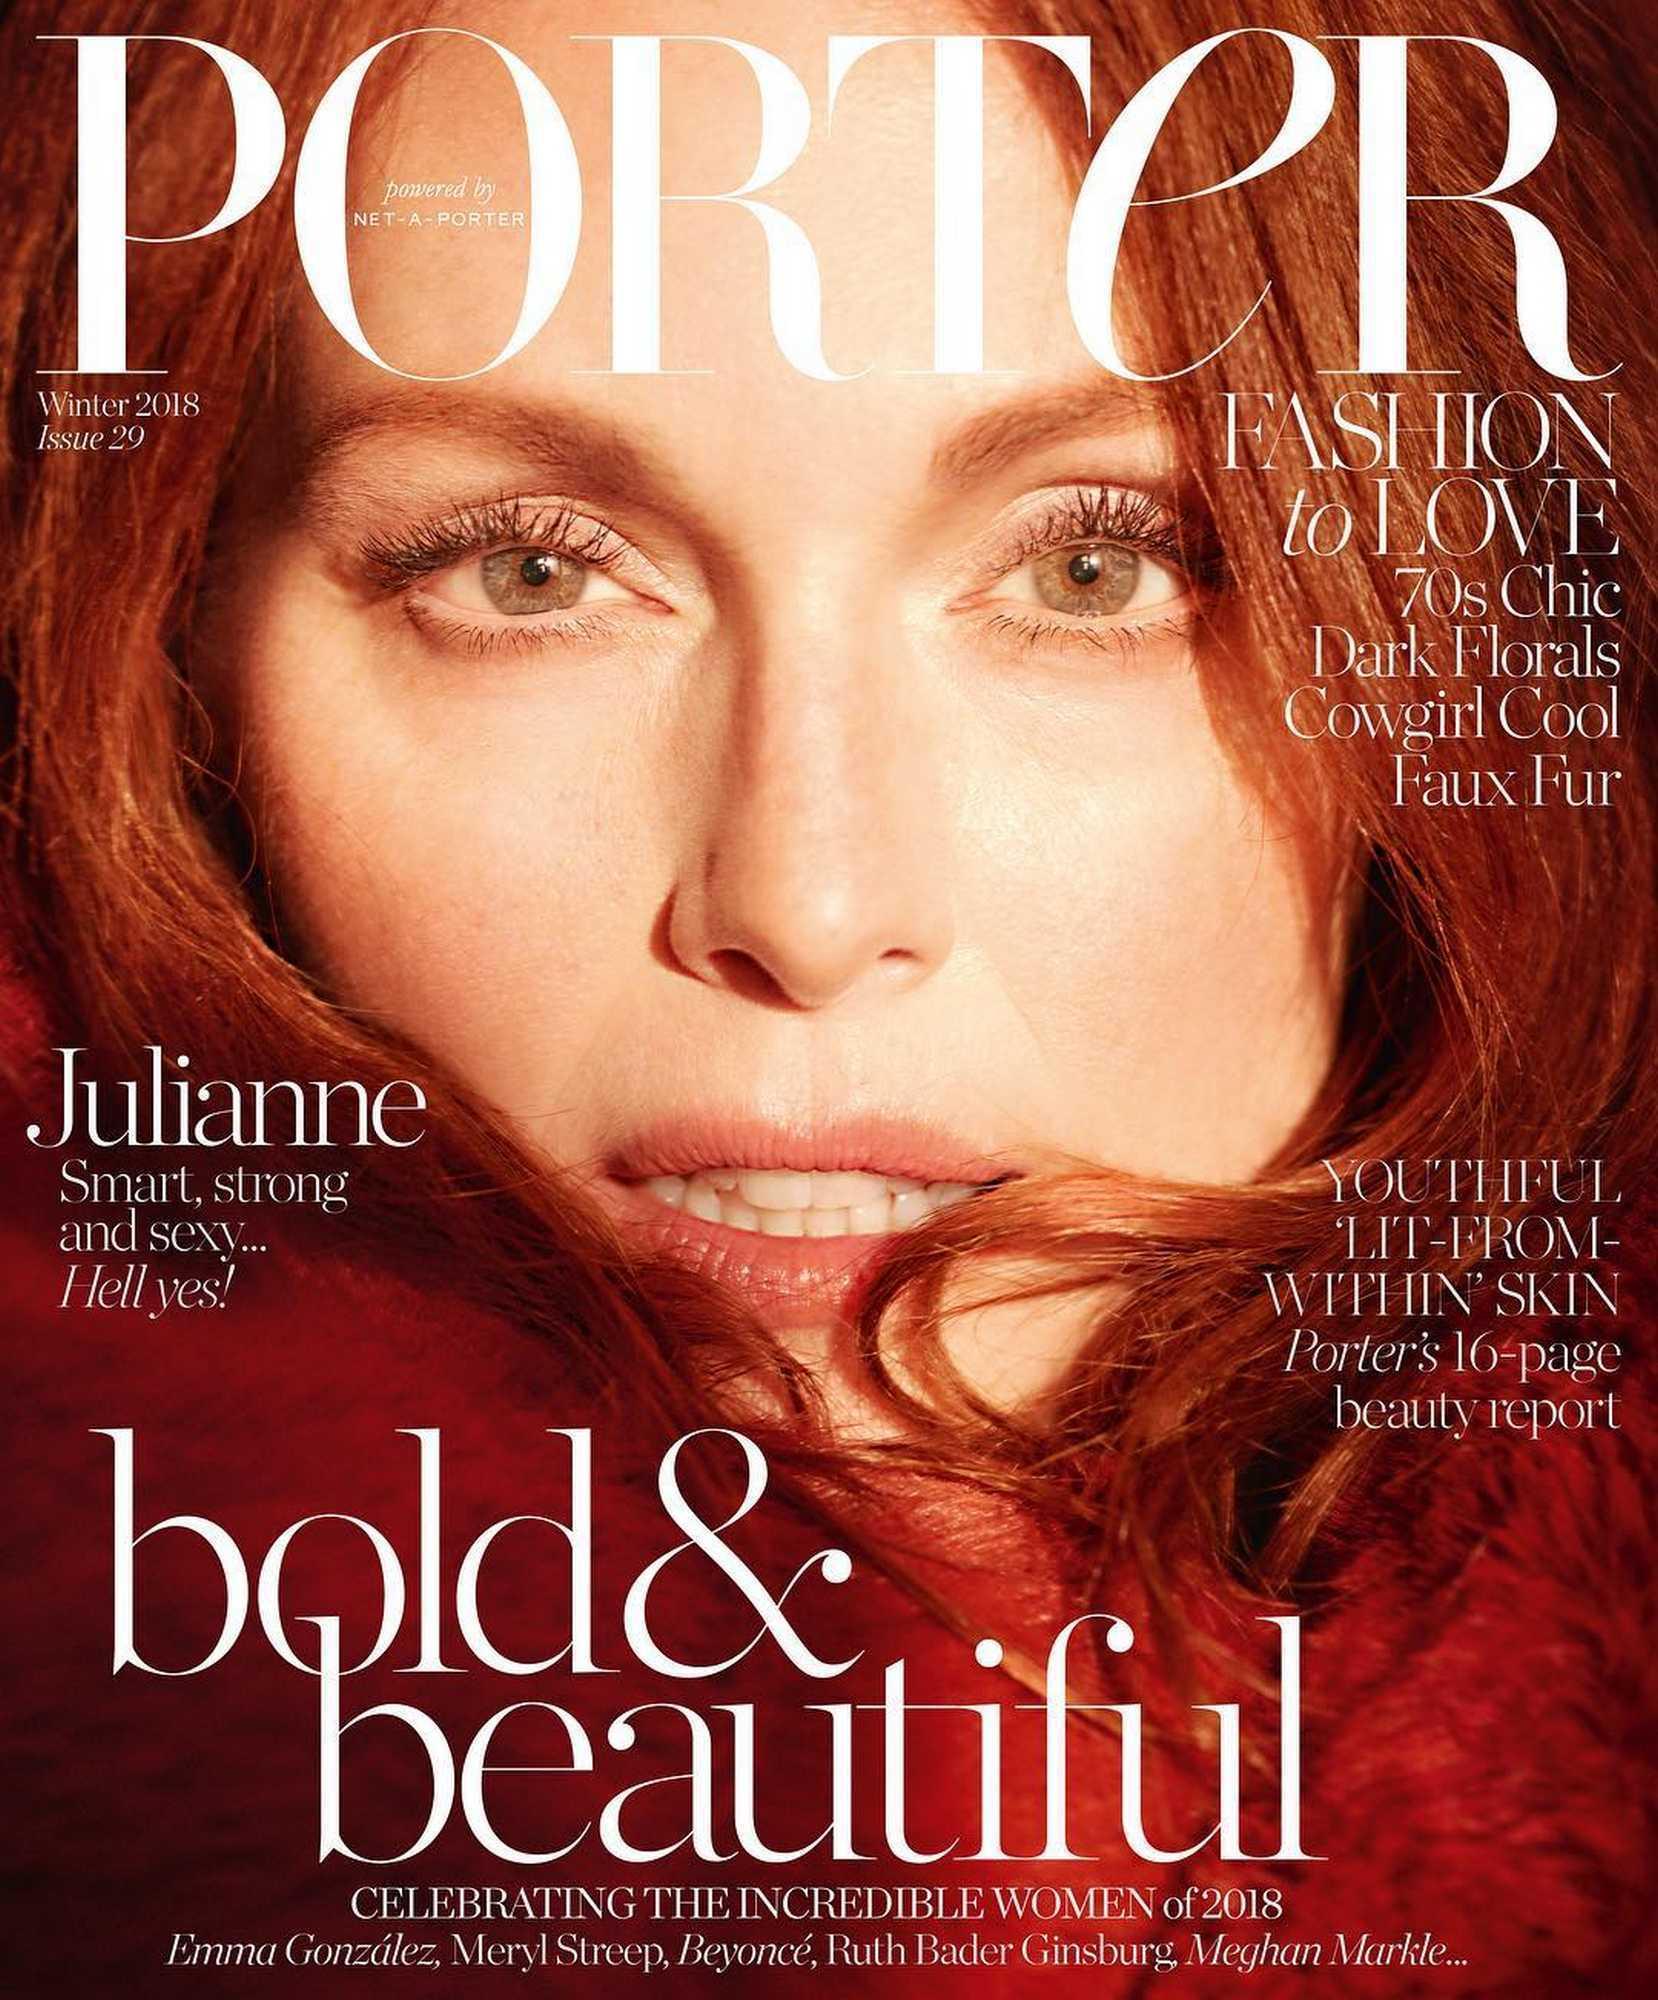 Julianne-Moore-Porter-Magazine-Winter-201864f4d3983488184.jpg